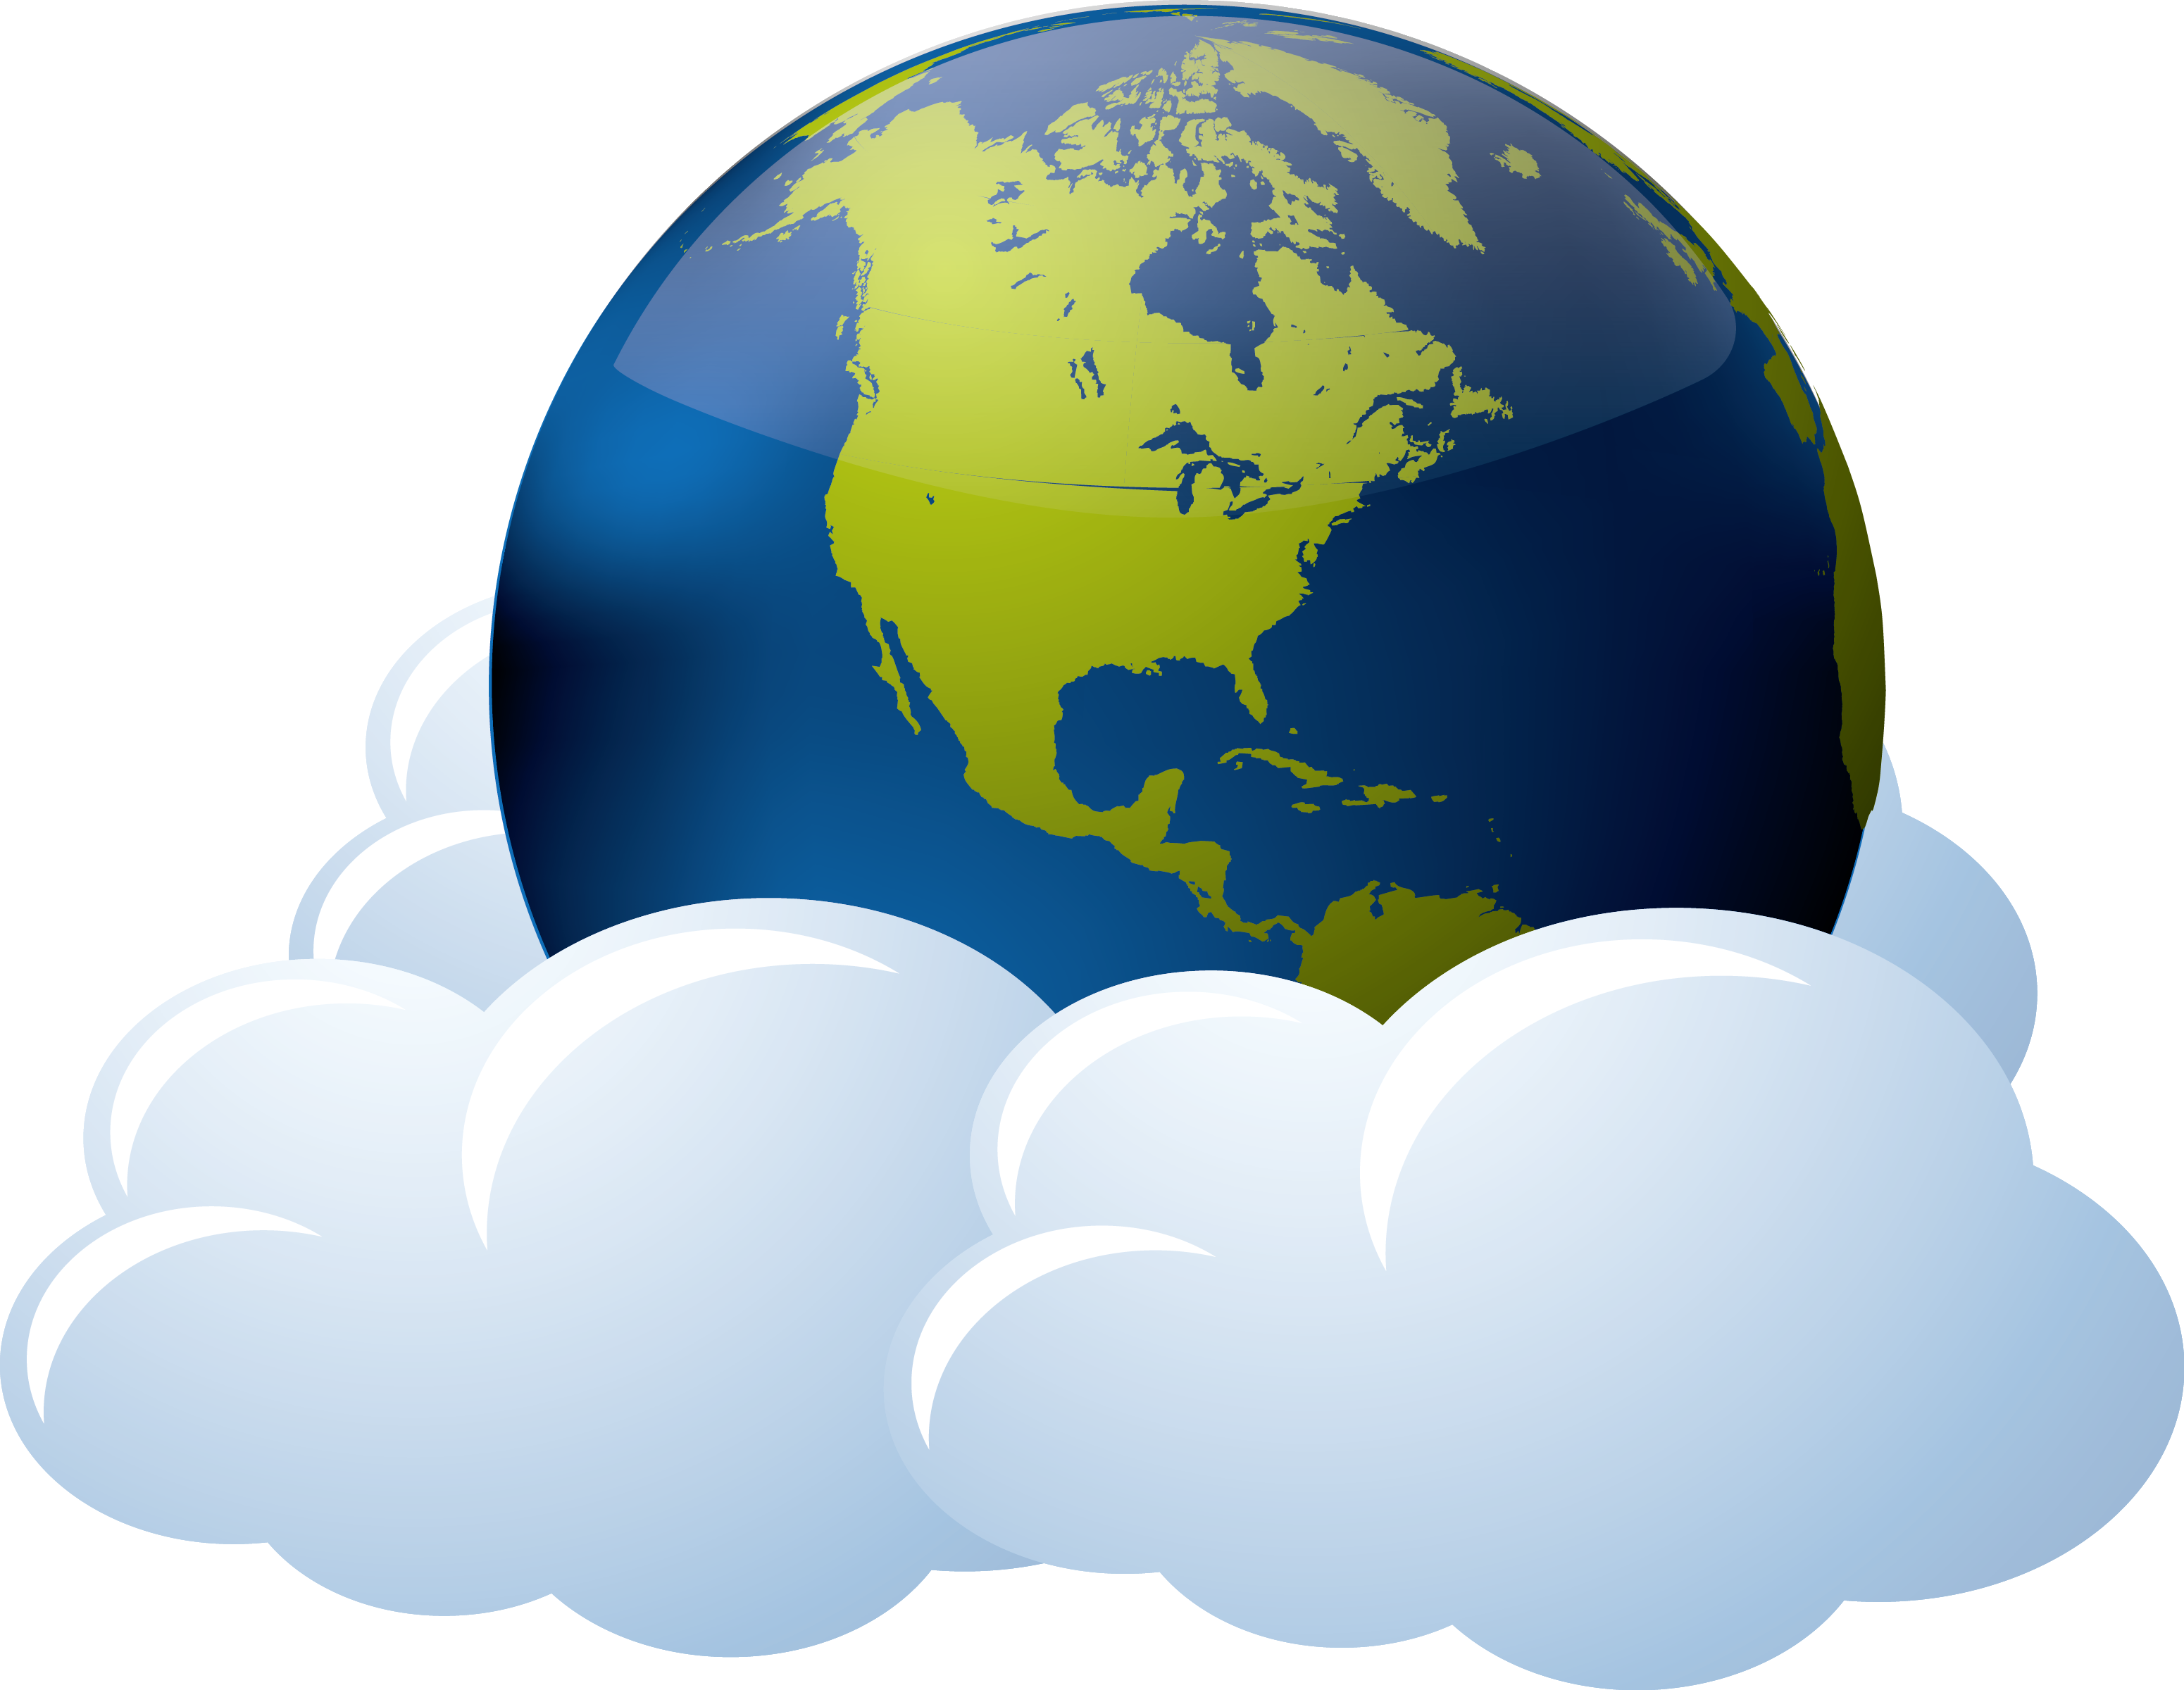 облака вокруг земли картинки самых интересных маршрутов